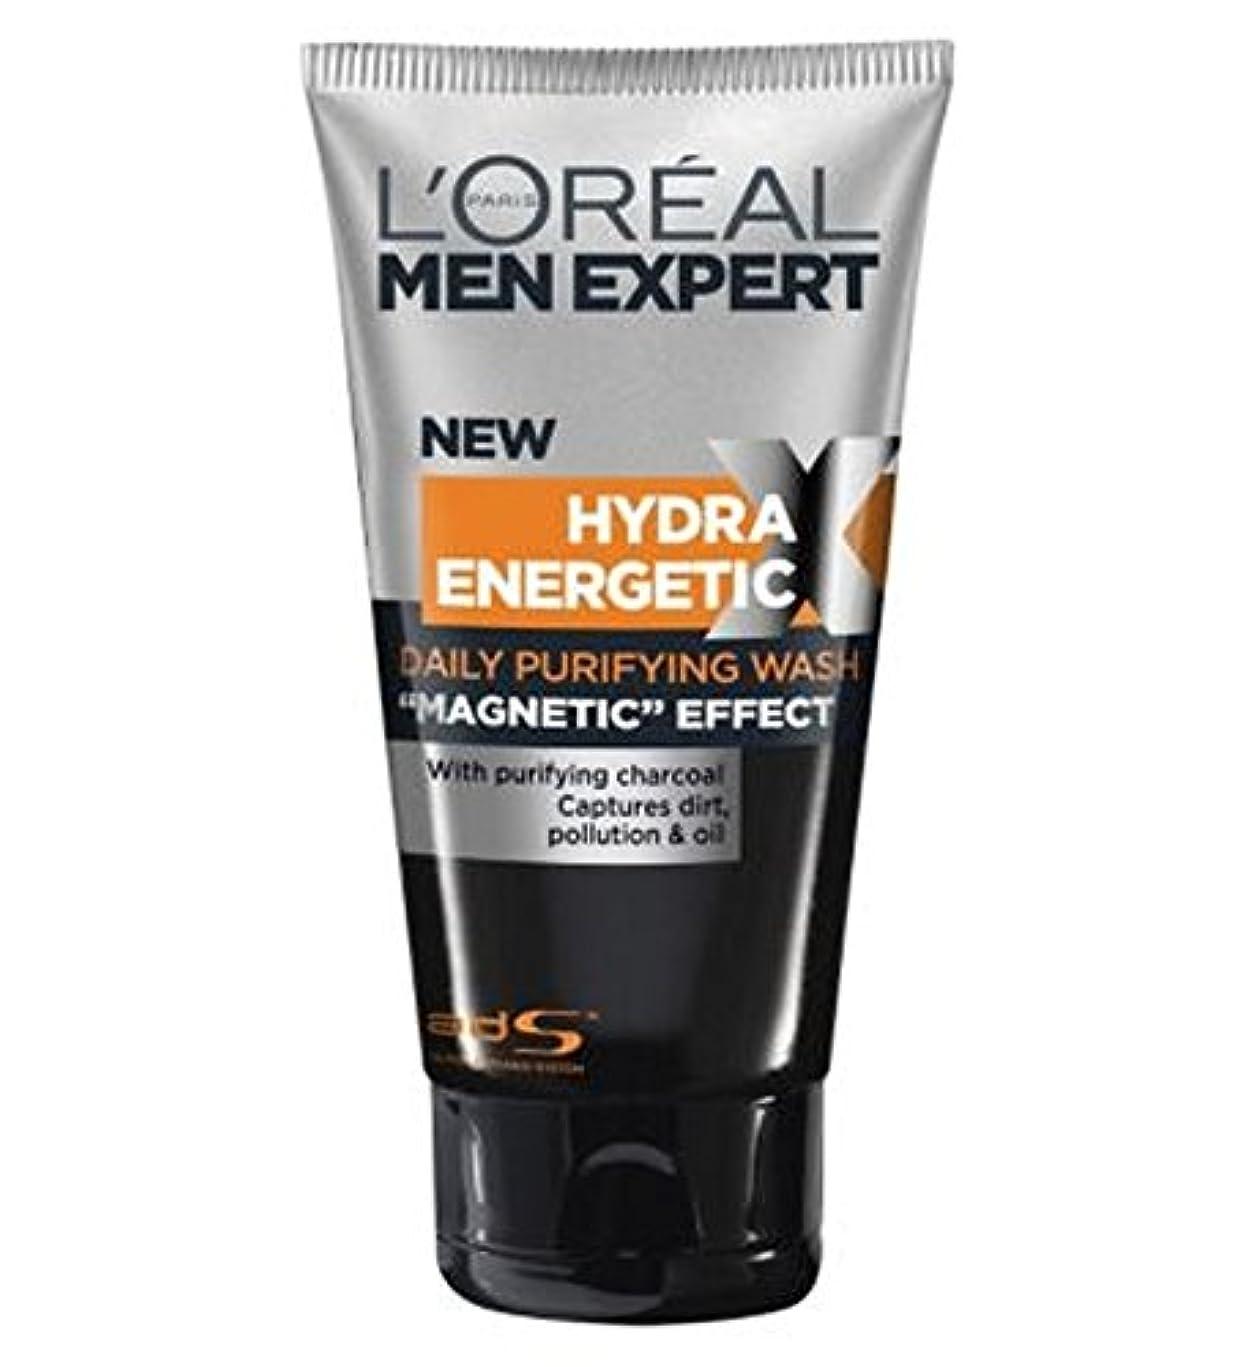 シールアイロニー代表してロレアルの男性の専門家ヒドラエネルギッシュX-Treme黒い炭洗顔150ミリリットル (L'Oreal) (x2) - L'Oreal Men Expert Hydra Energetic X-Treme Black Charcoal...